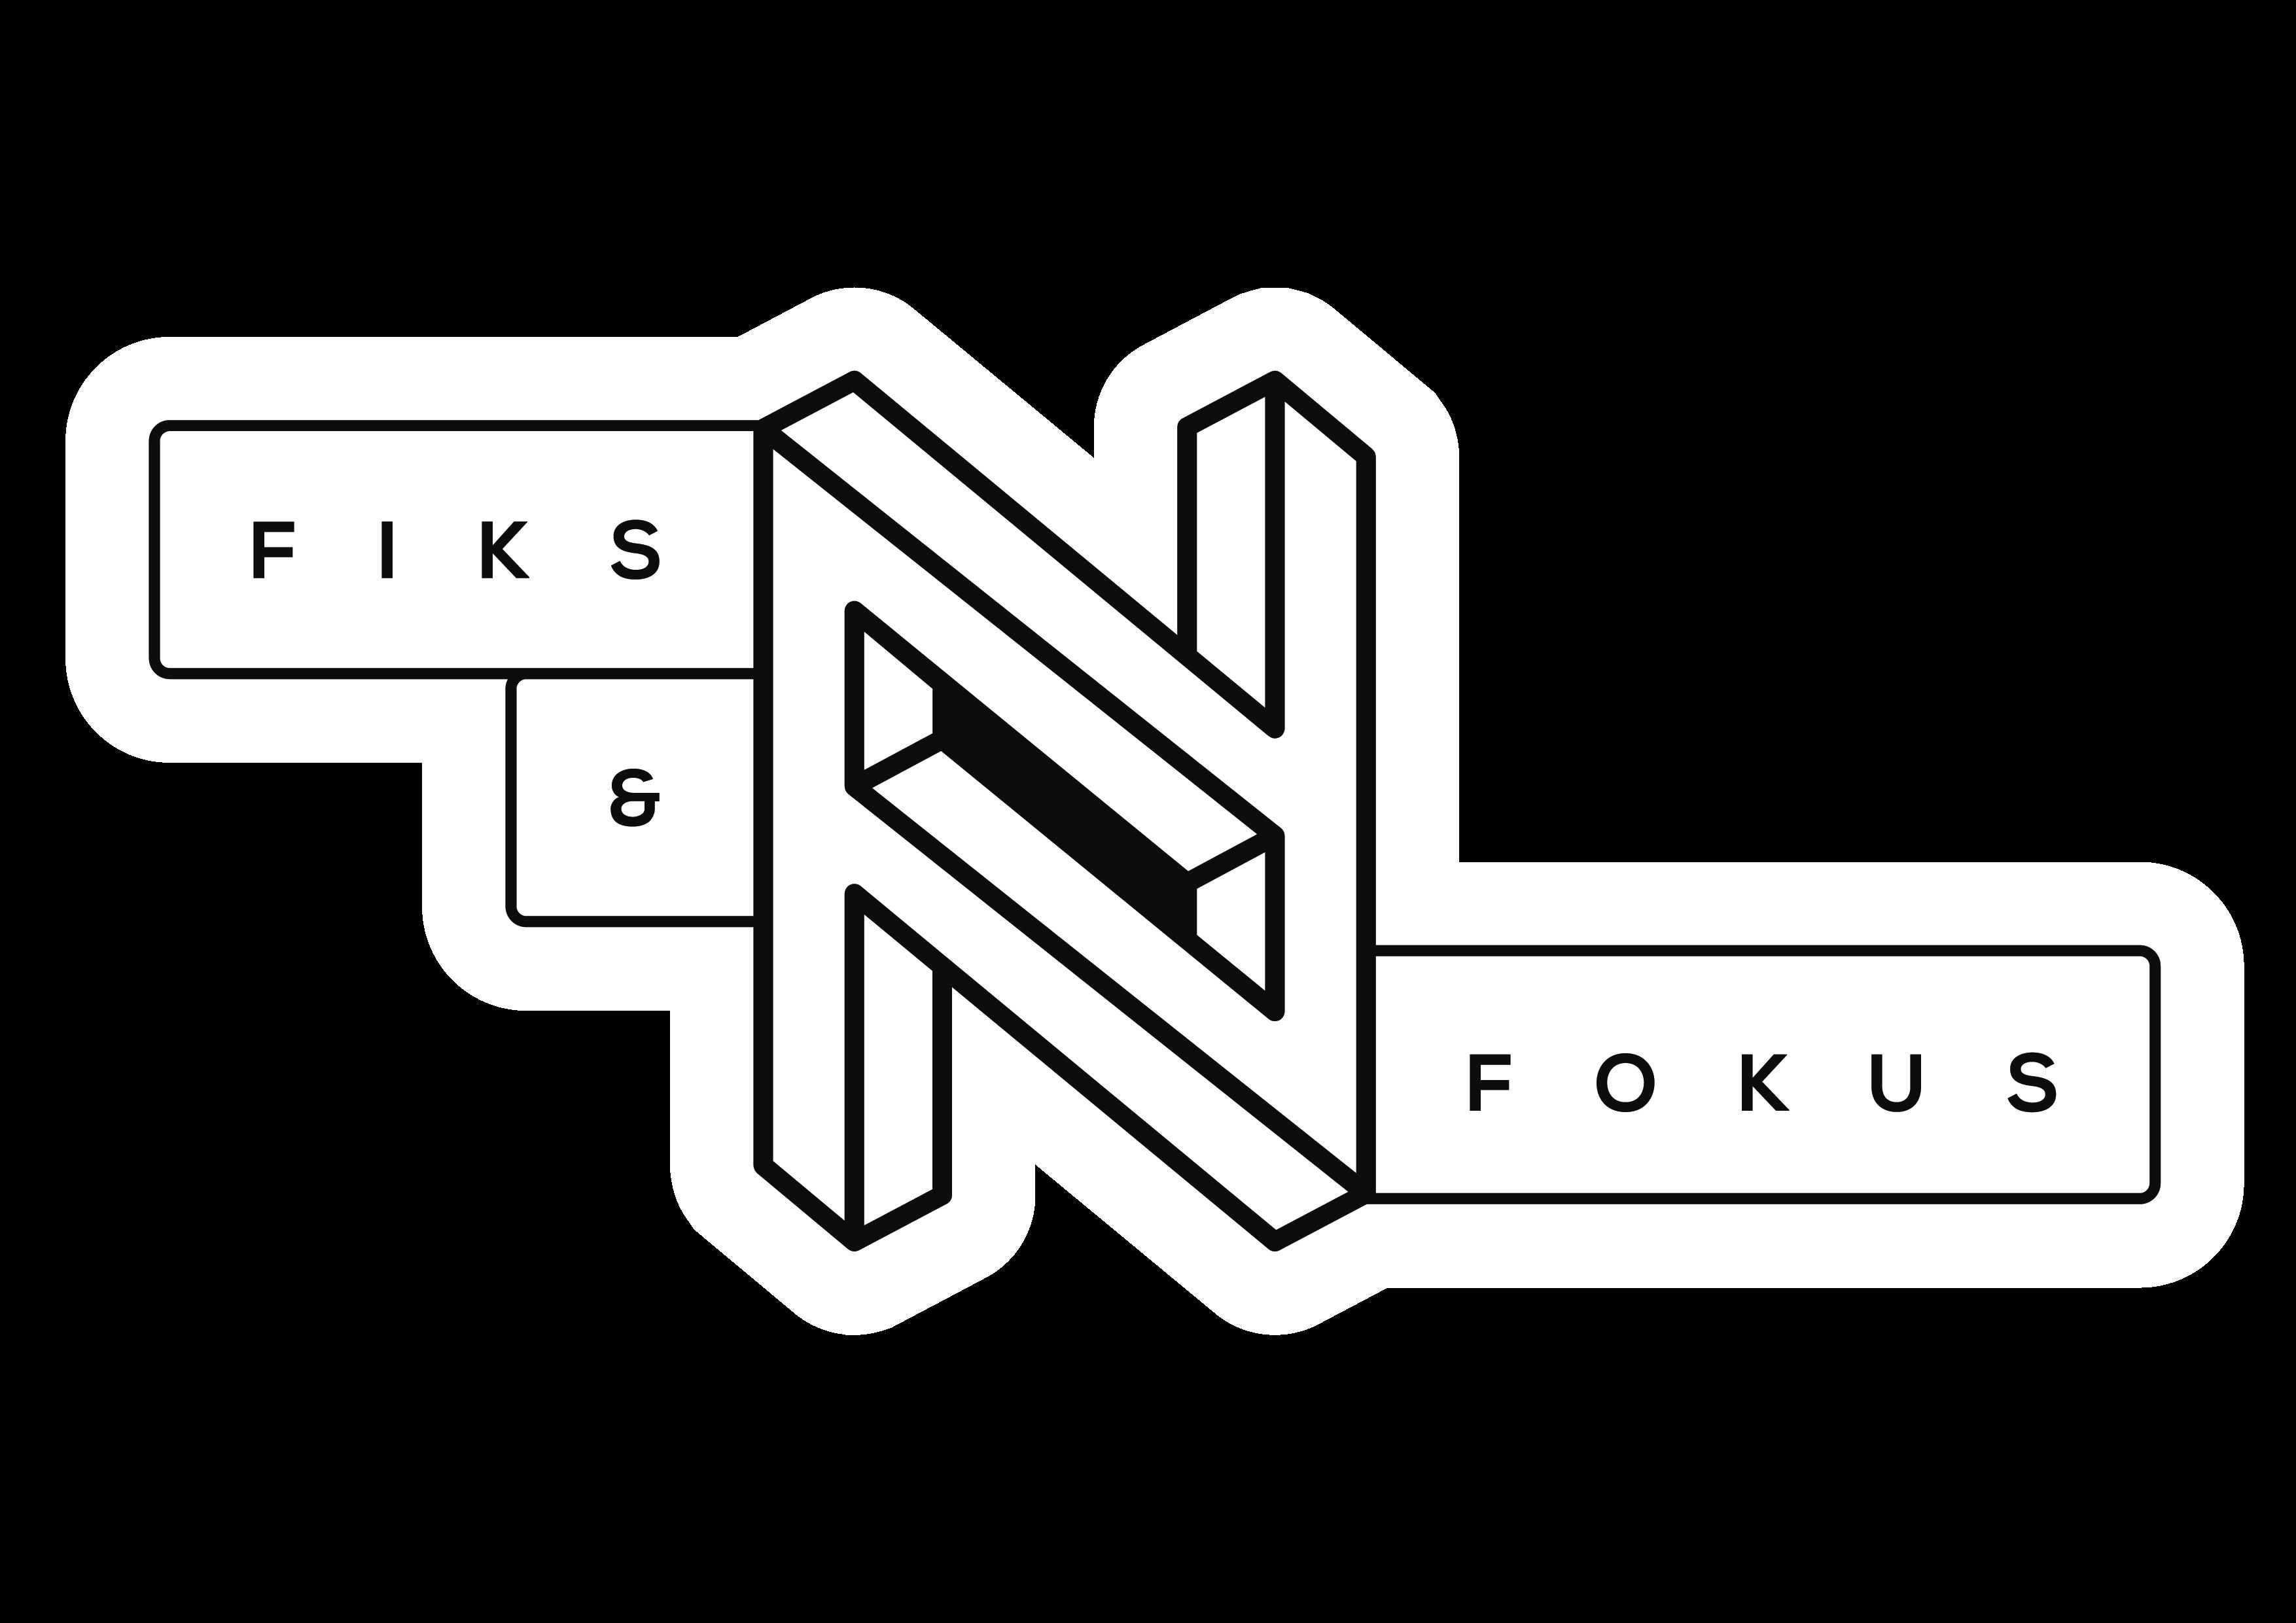 Fiks&Fokus